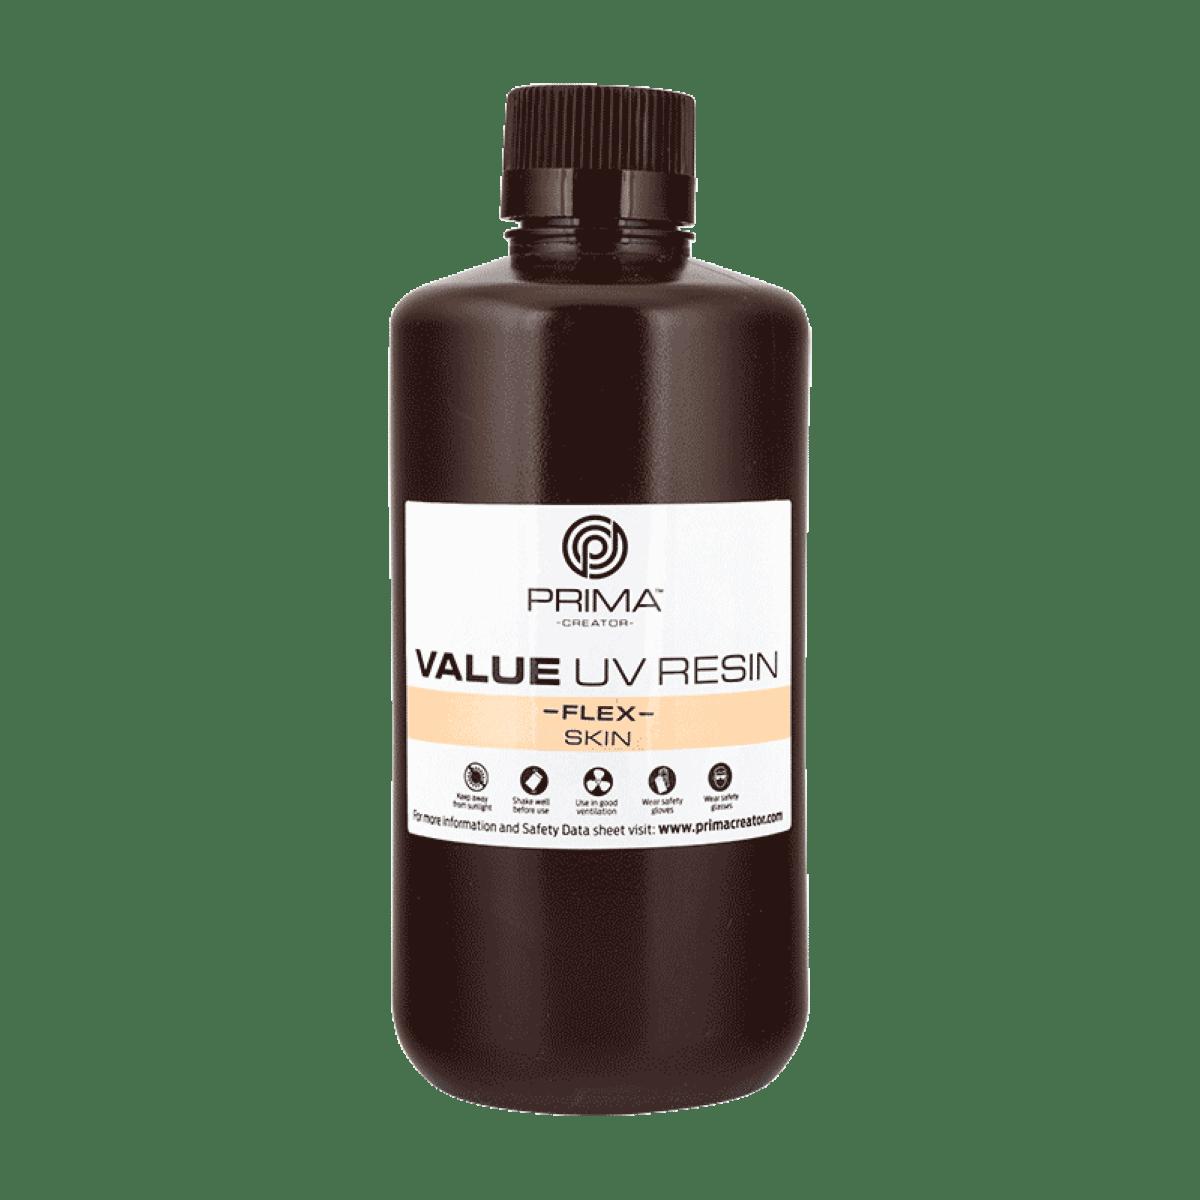 Image of PrimaCreator Value Flex UV Resin - 1000 ml - Skin